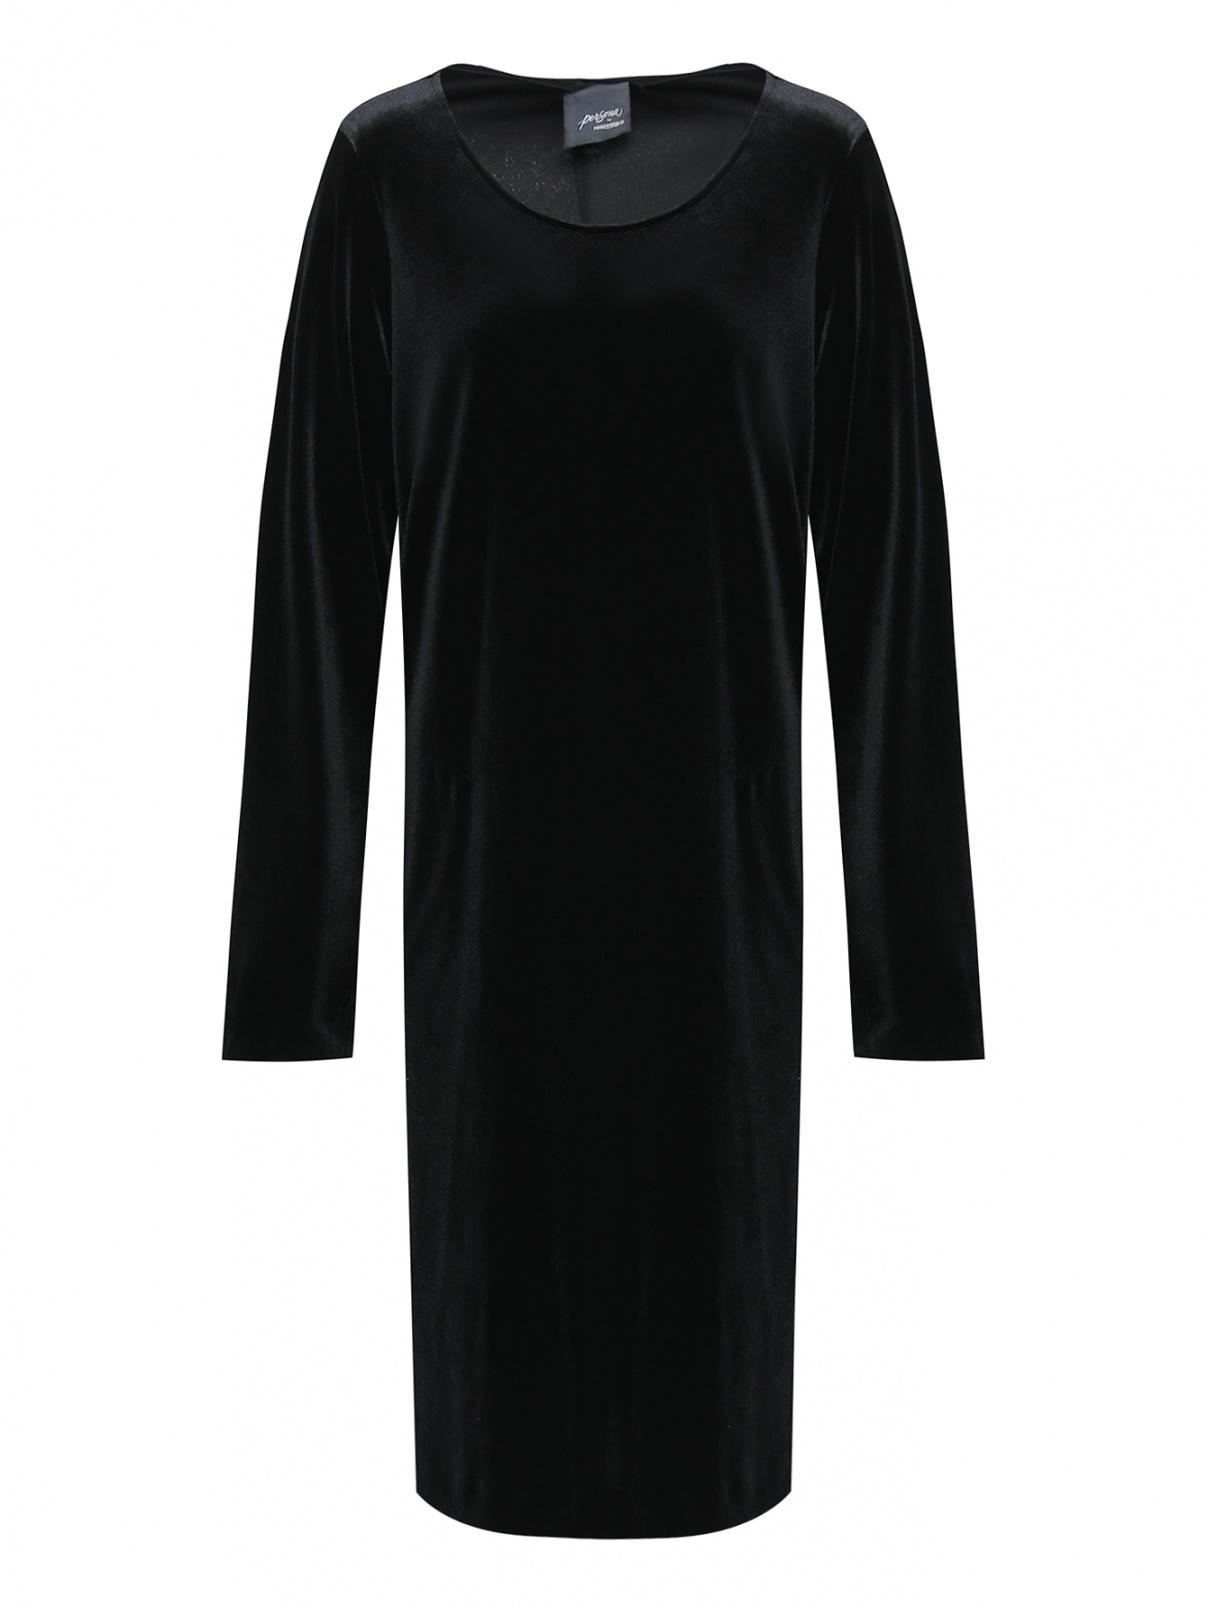 Платье прямого кроя, трикотажное Persona by Marina Rinaldi  –  Общий вид